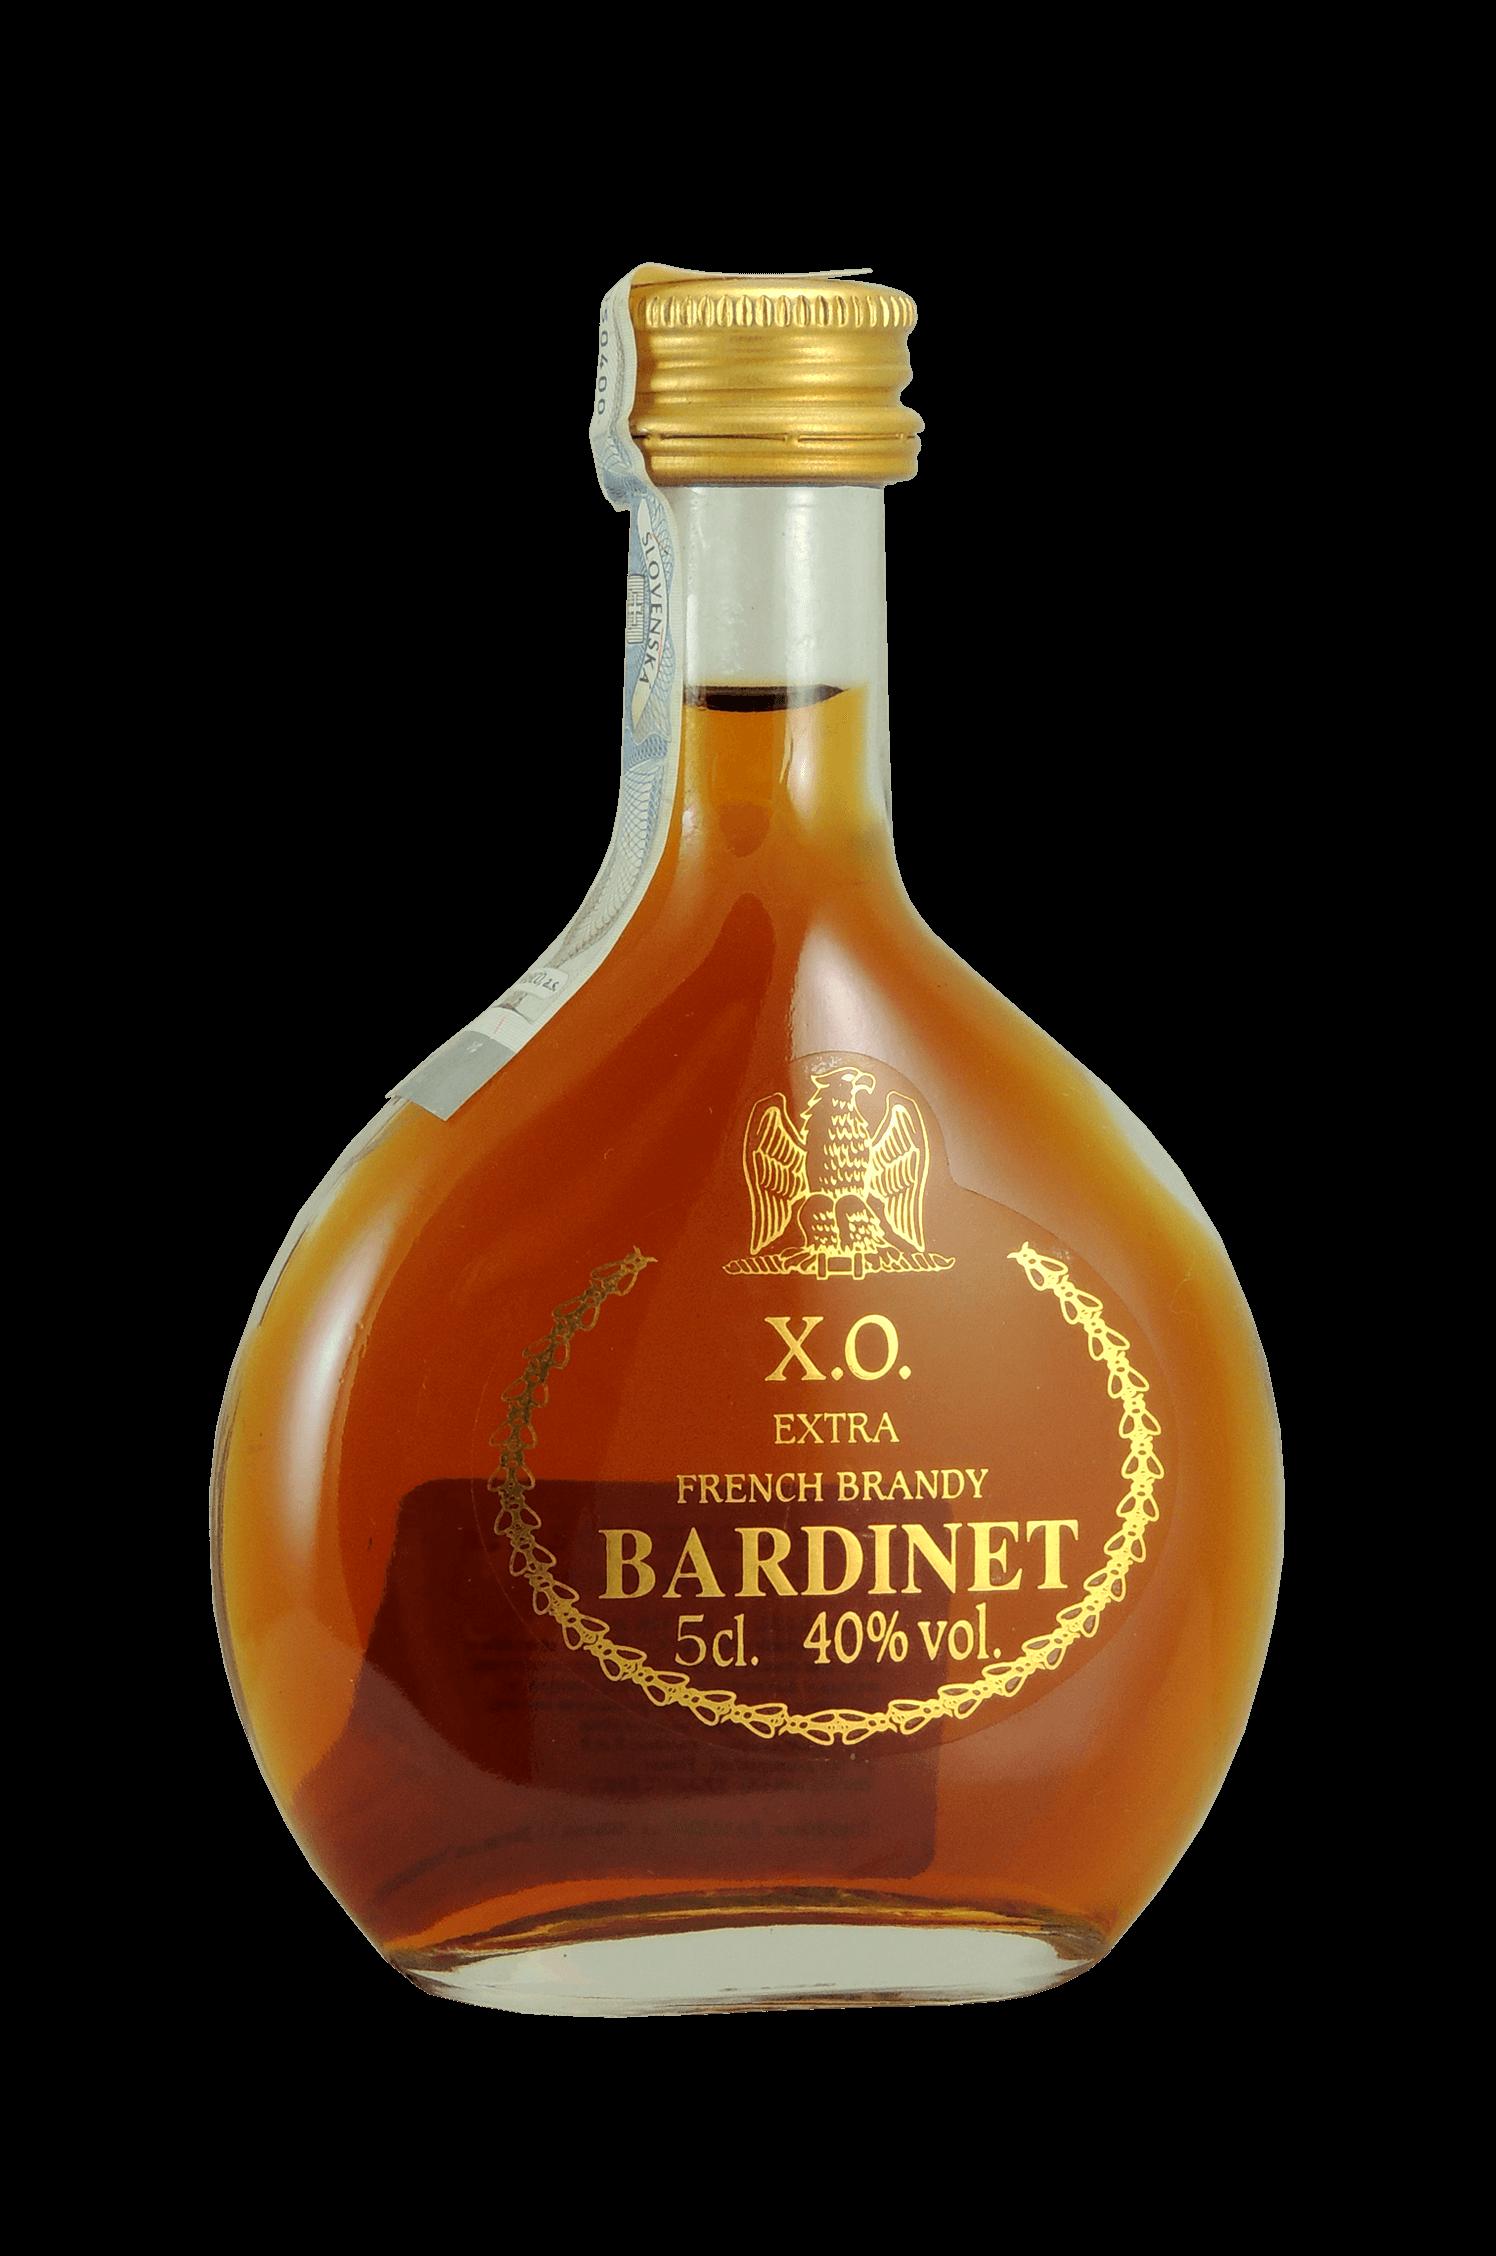 Bardinet X.O. Extra